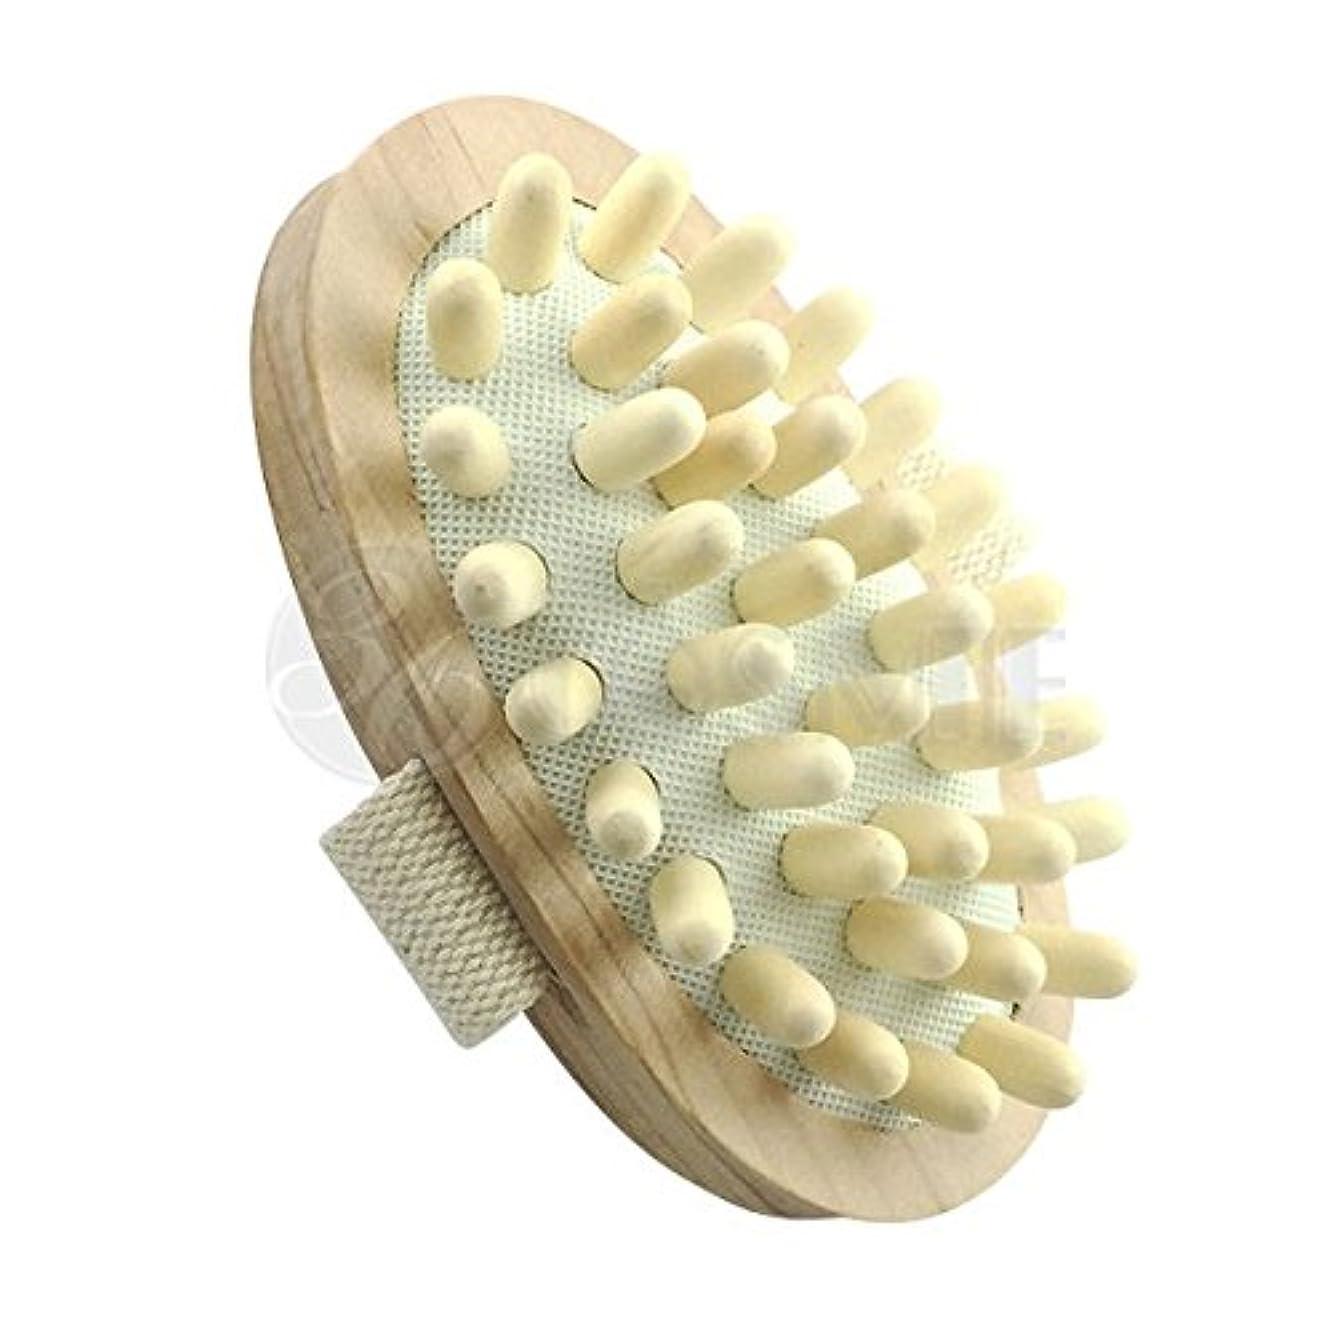 強います野菜小道具スリミングウッドブラシ(木製)セルライト対策に ボディマッサージ専用ブラシ